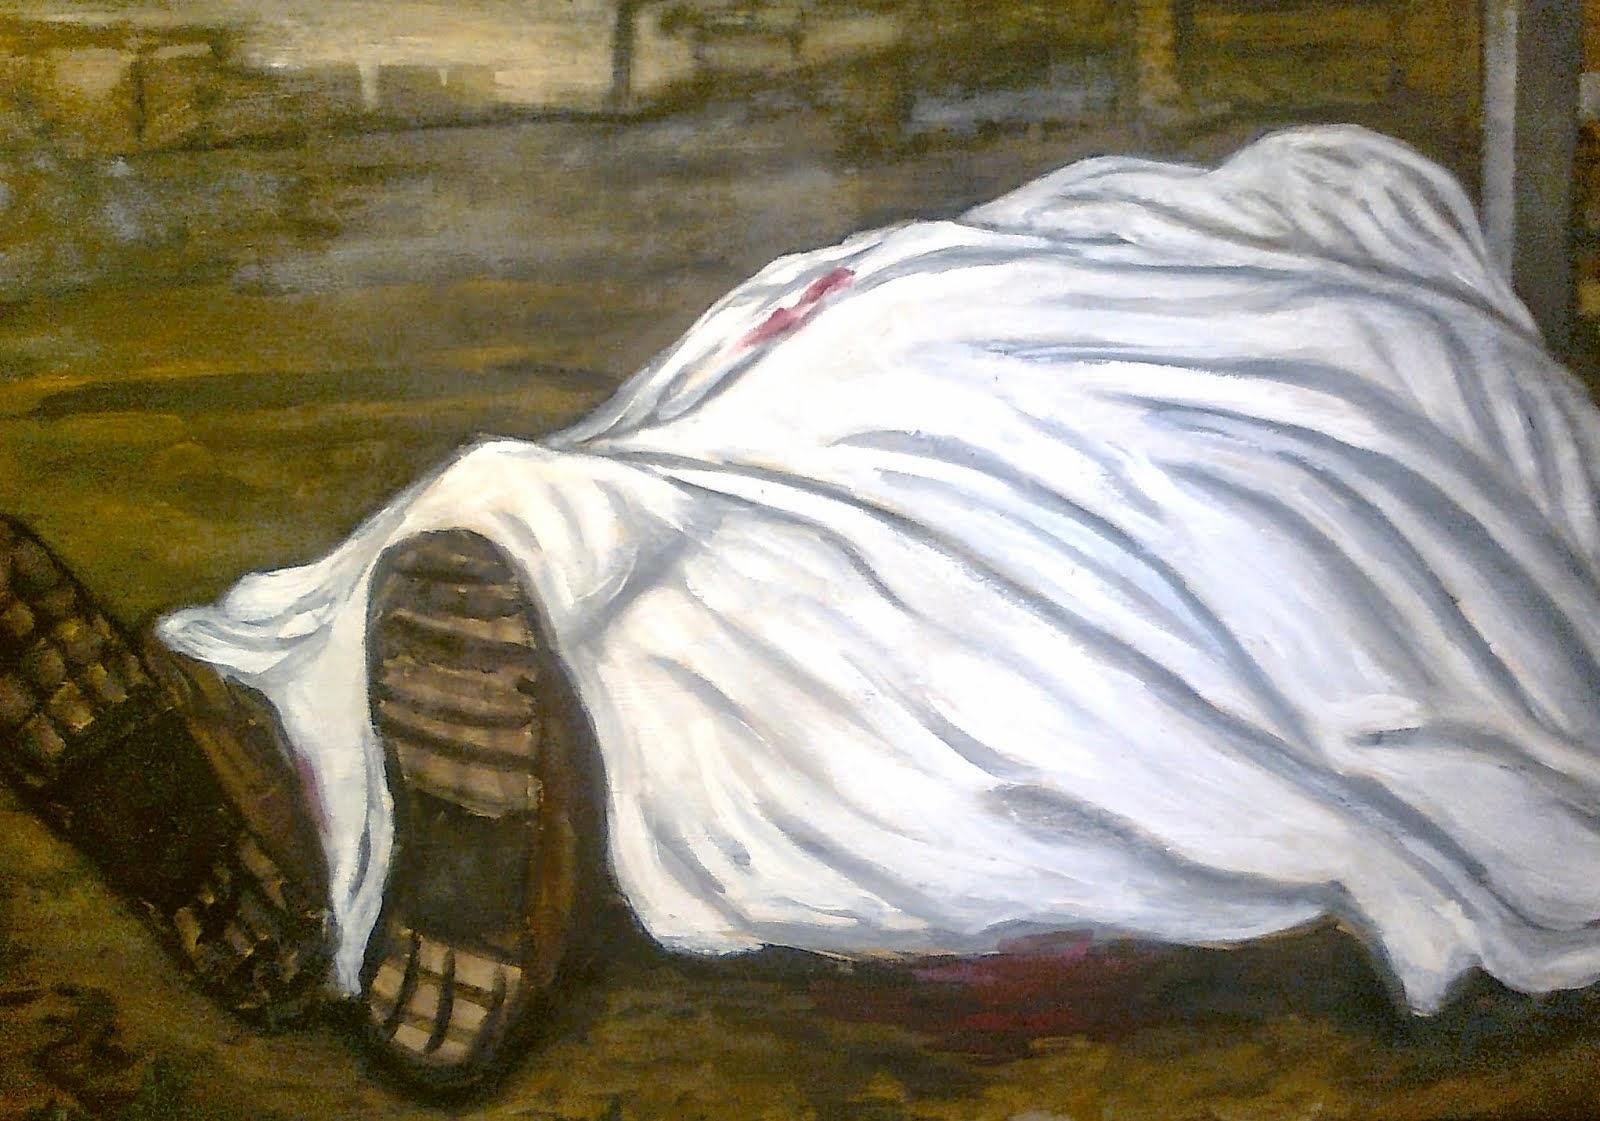 Morti bianche opera di carlo soricelli